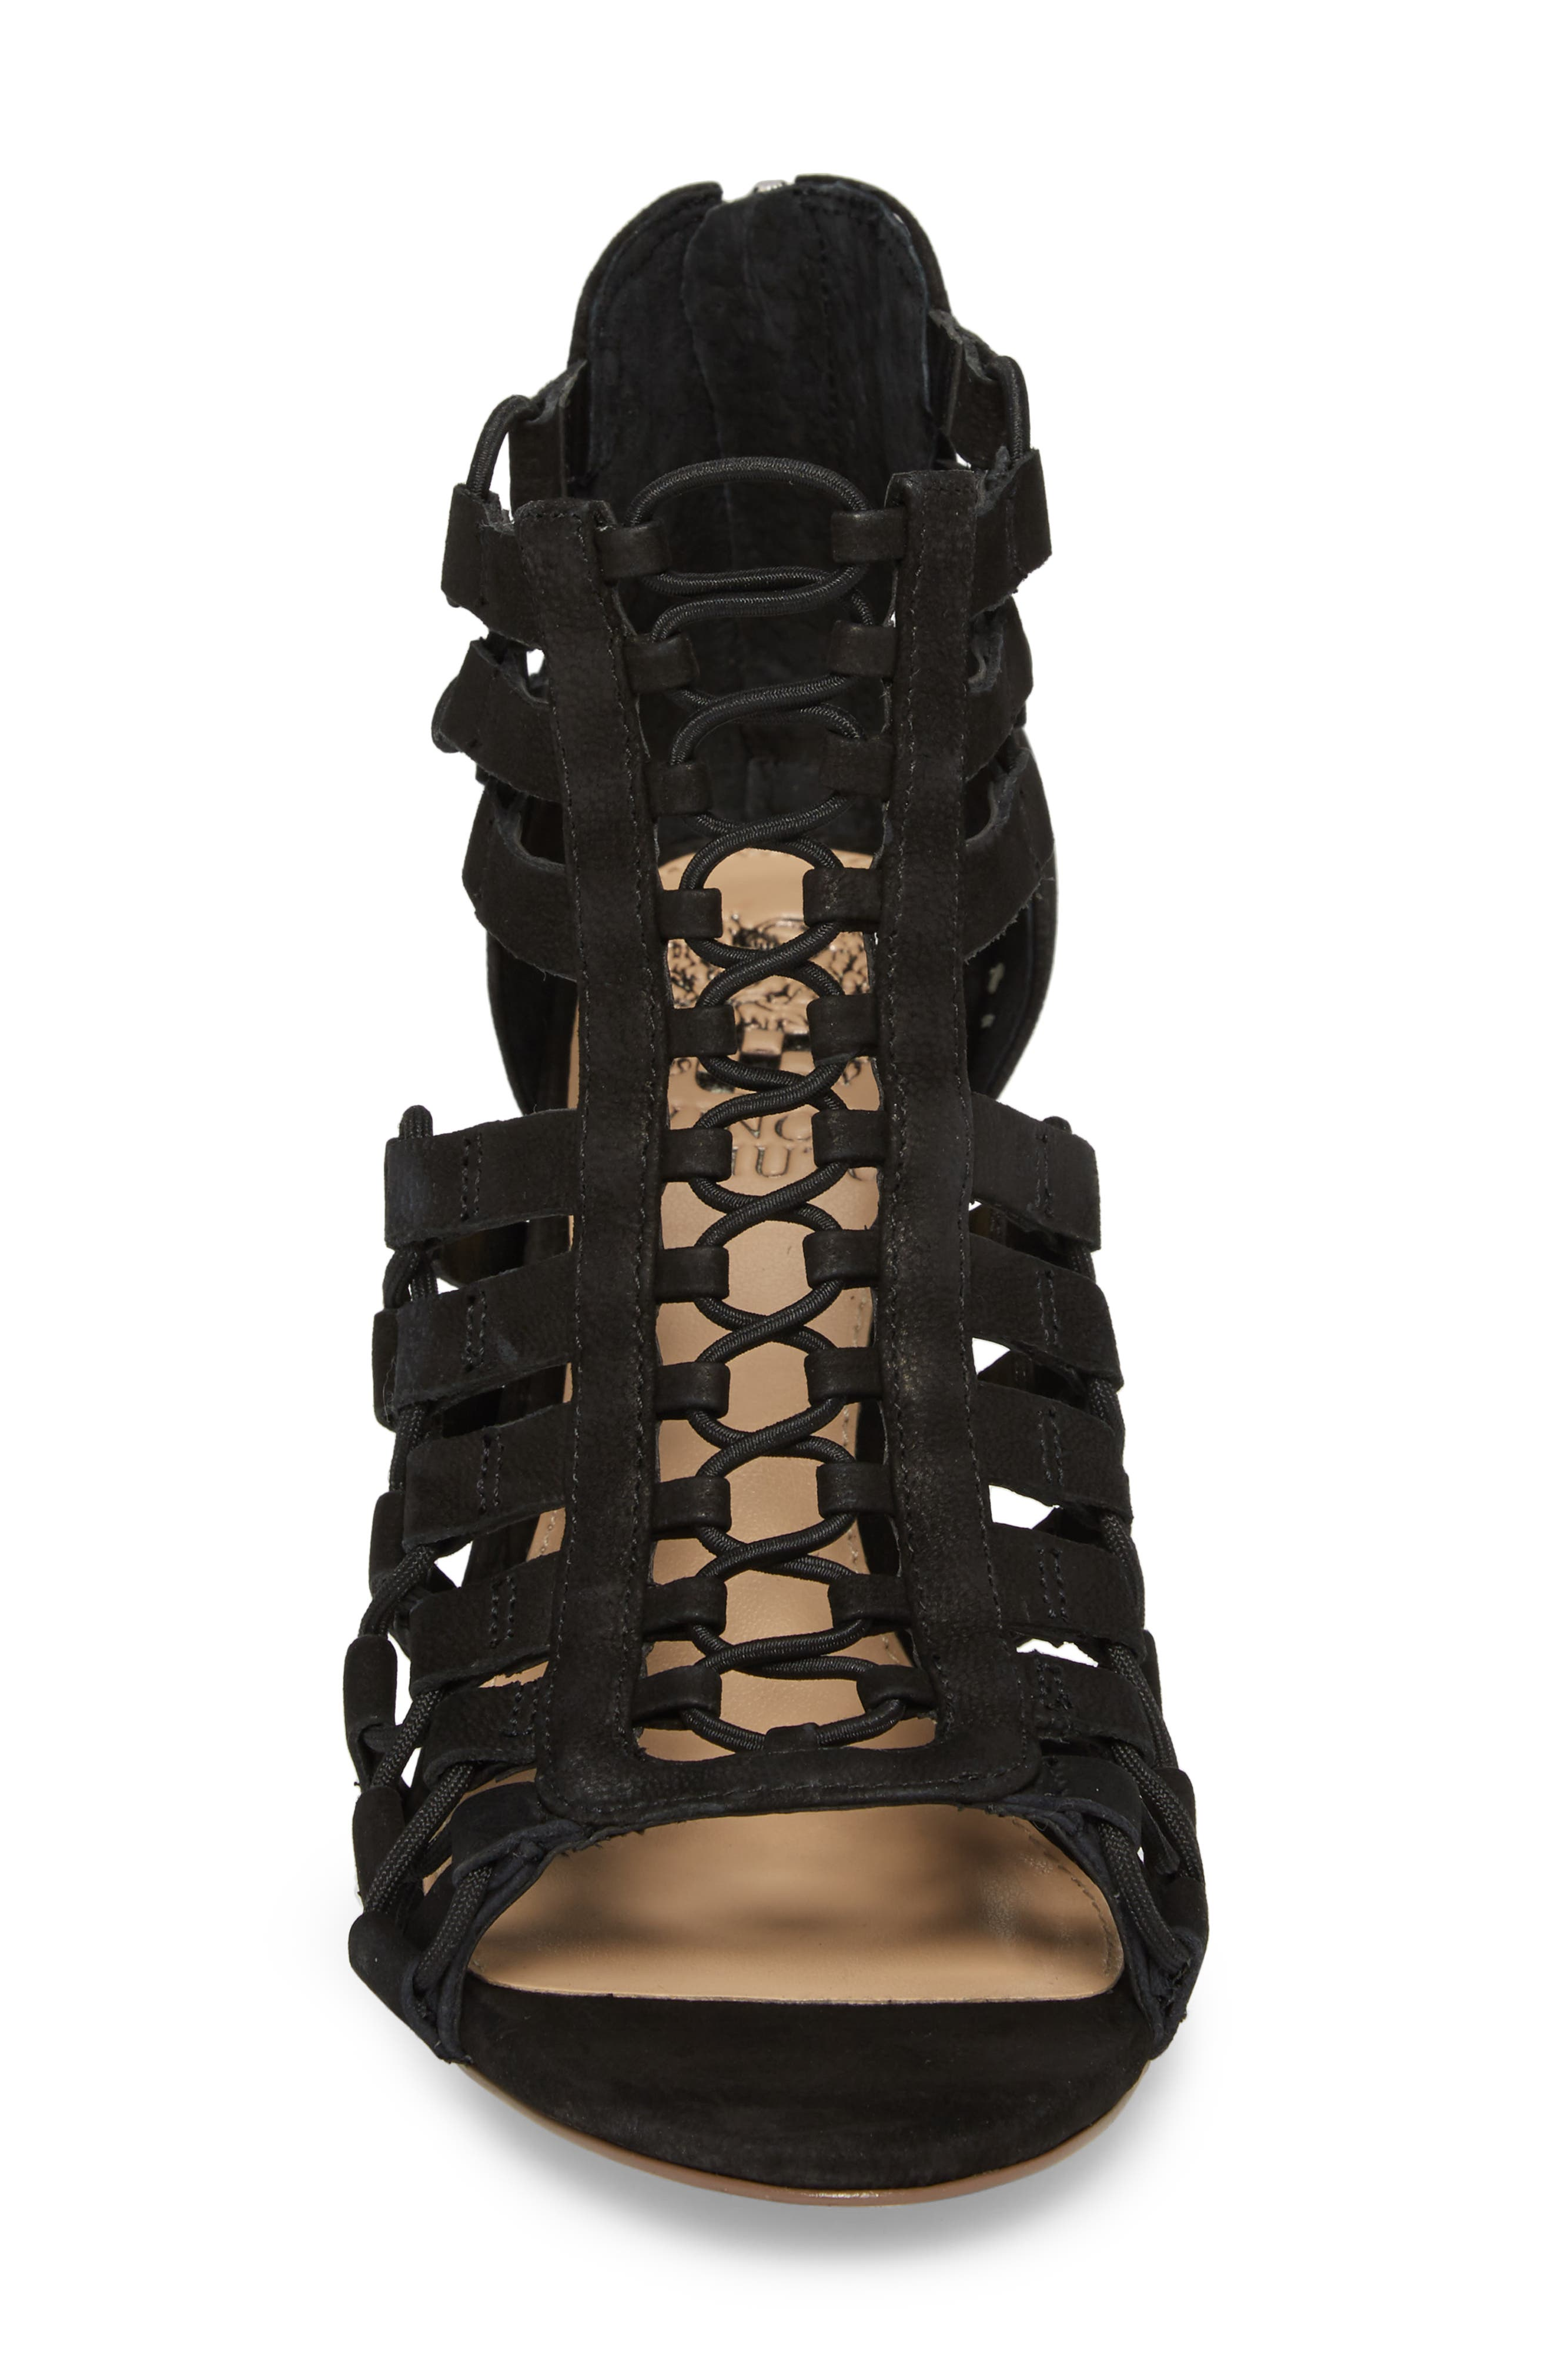 Elanso Sandal,                             Alternate thumbnail 4, color,                             Black Leather